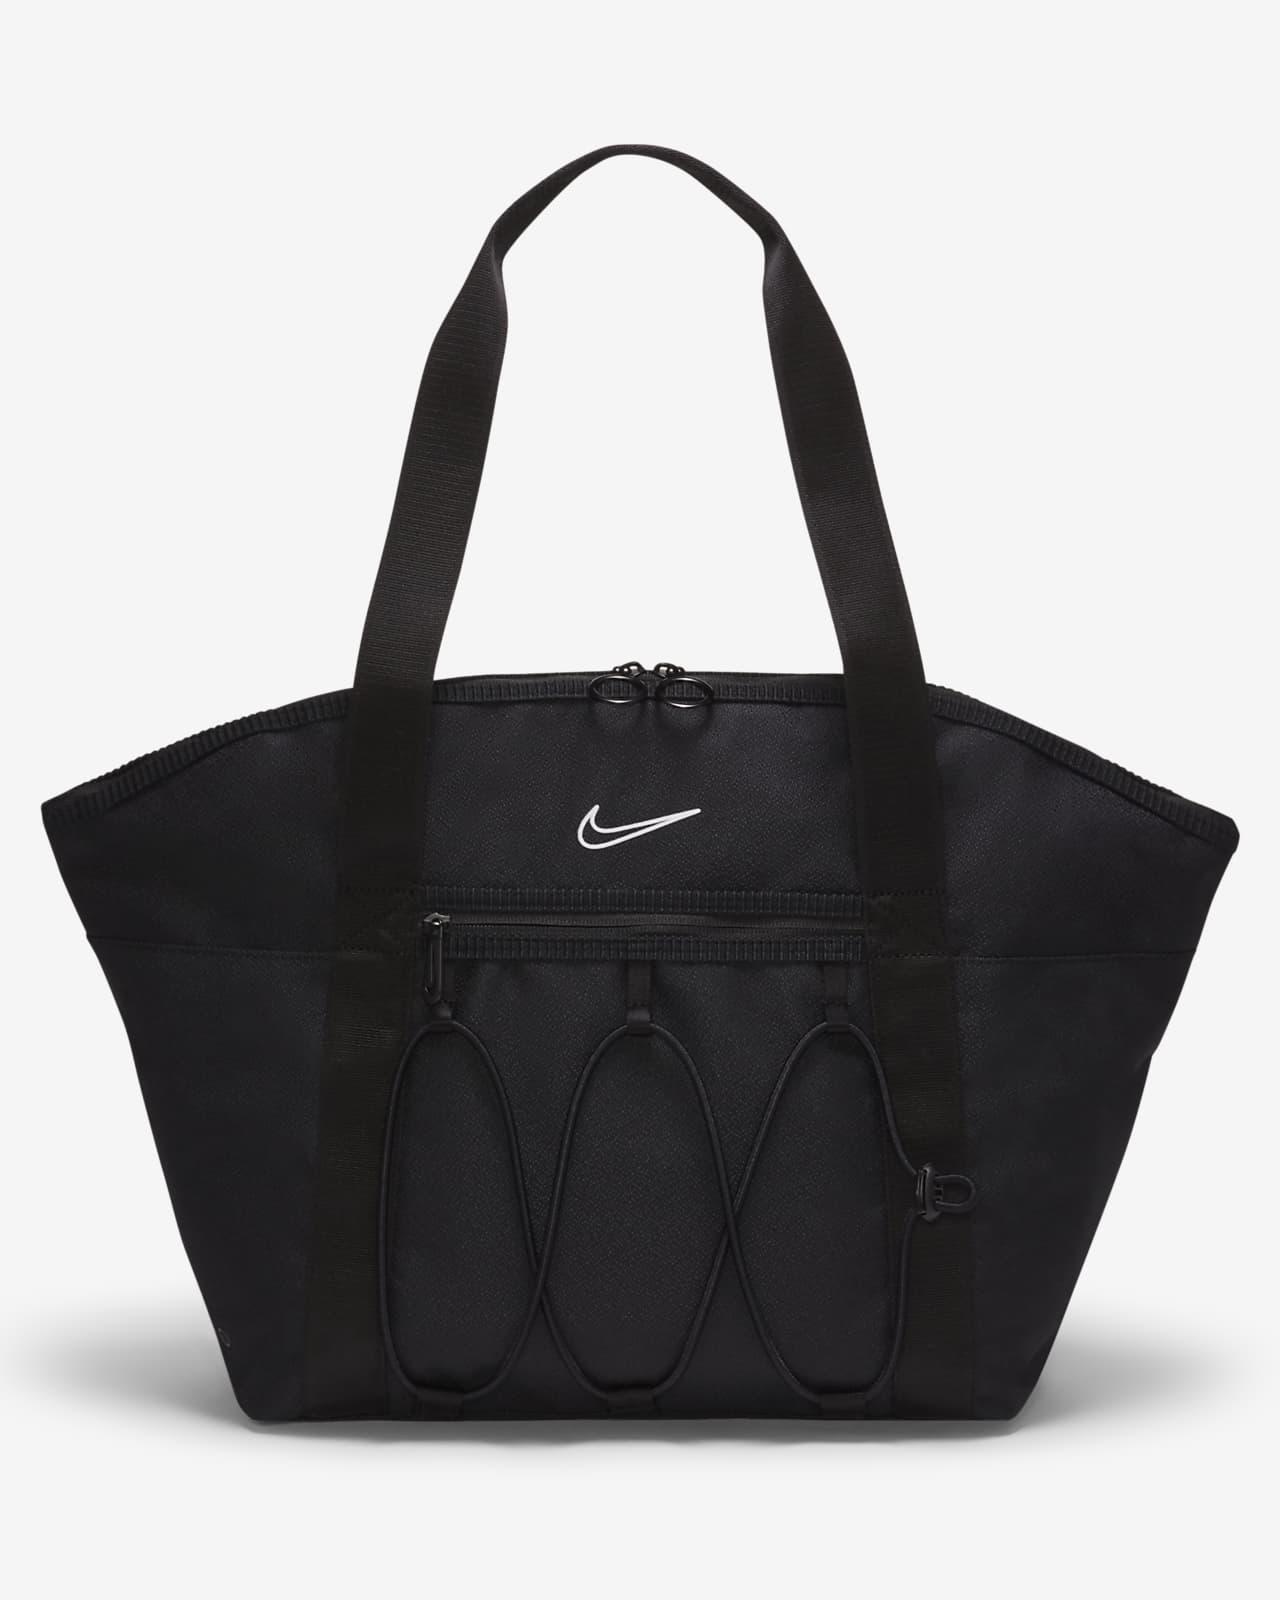 Γυναικεία τσάντα ώμου για προπόνηση Nike One